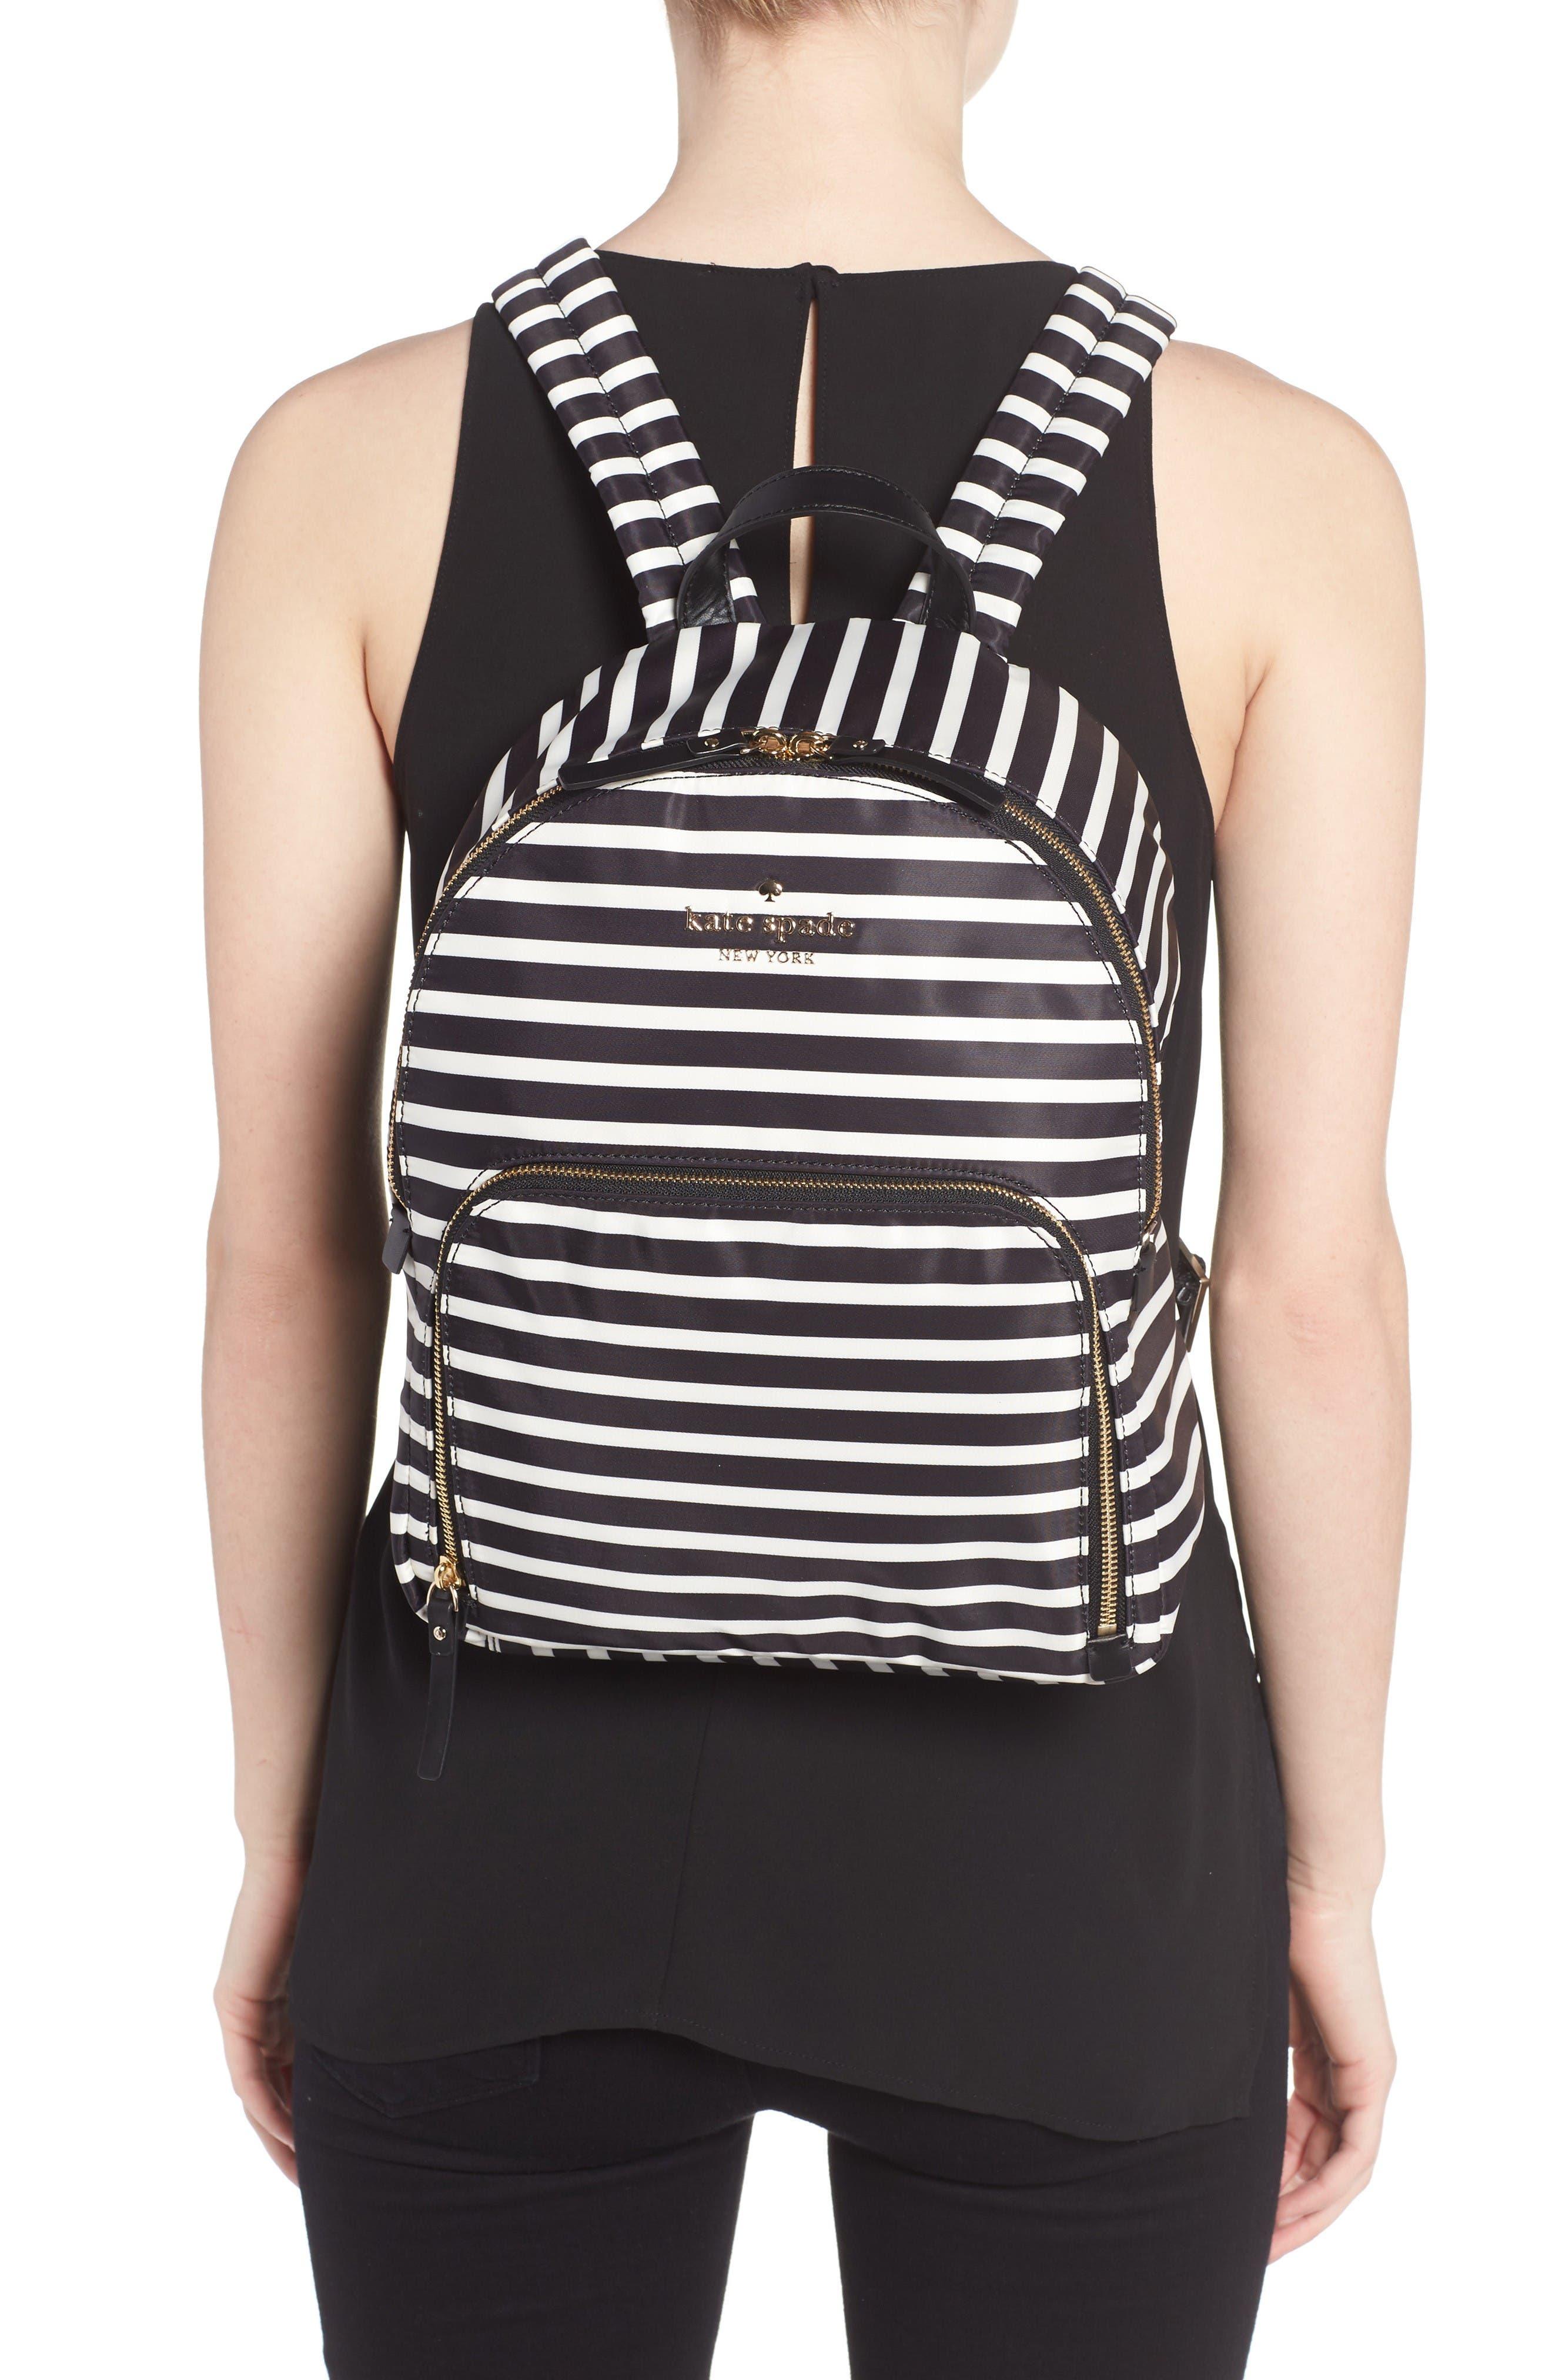 watson lane - hartley nylon backpack,                             Alternate thumbnail 2, color,                             Black/ Clotted Cream